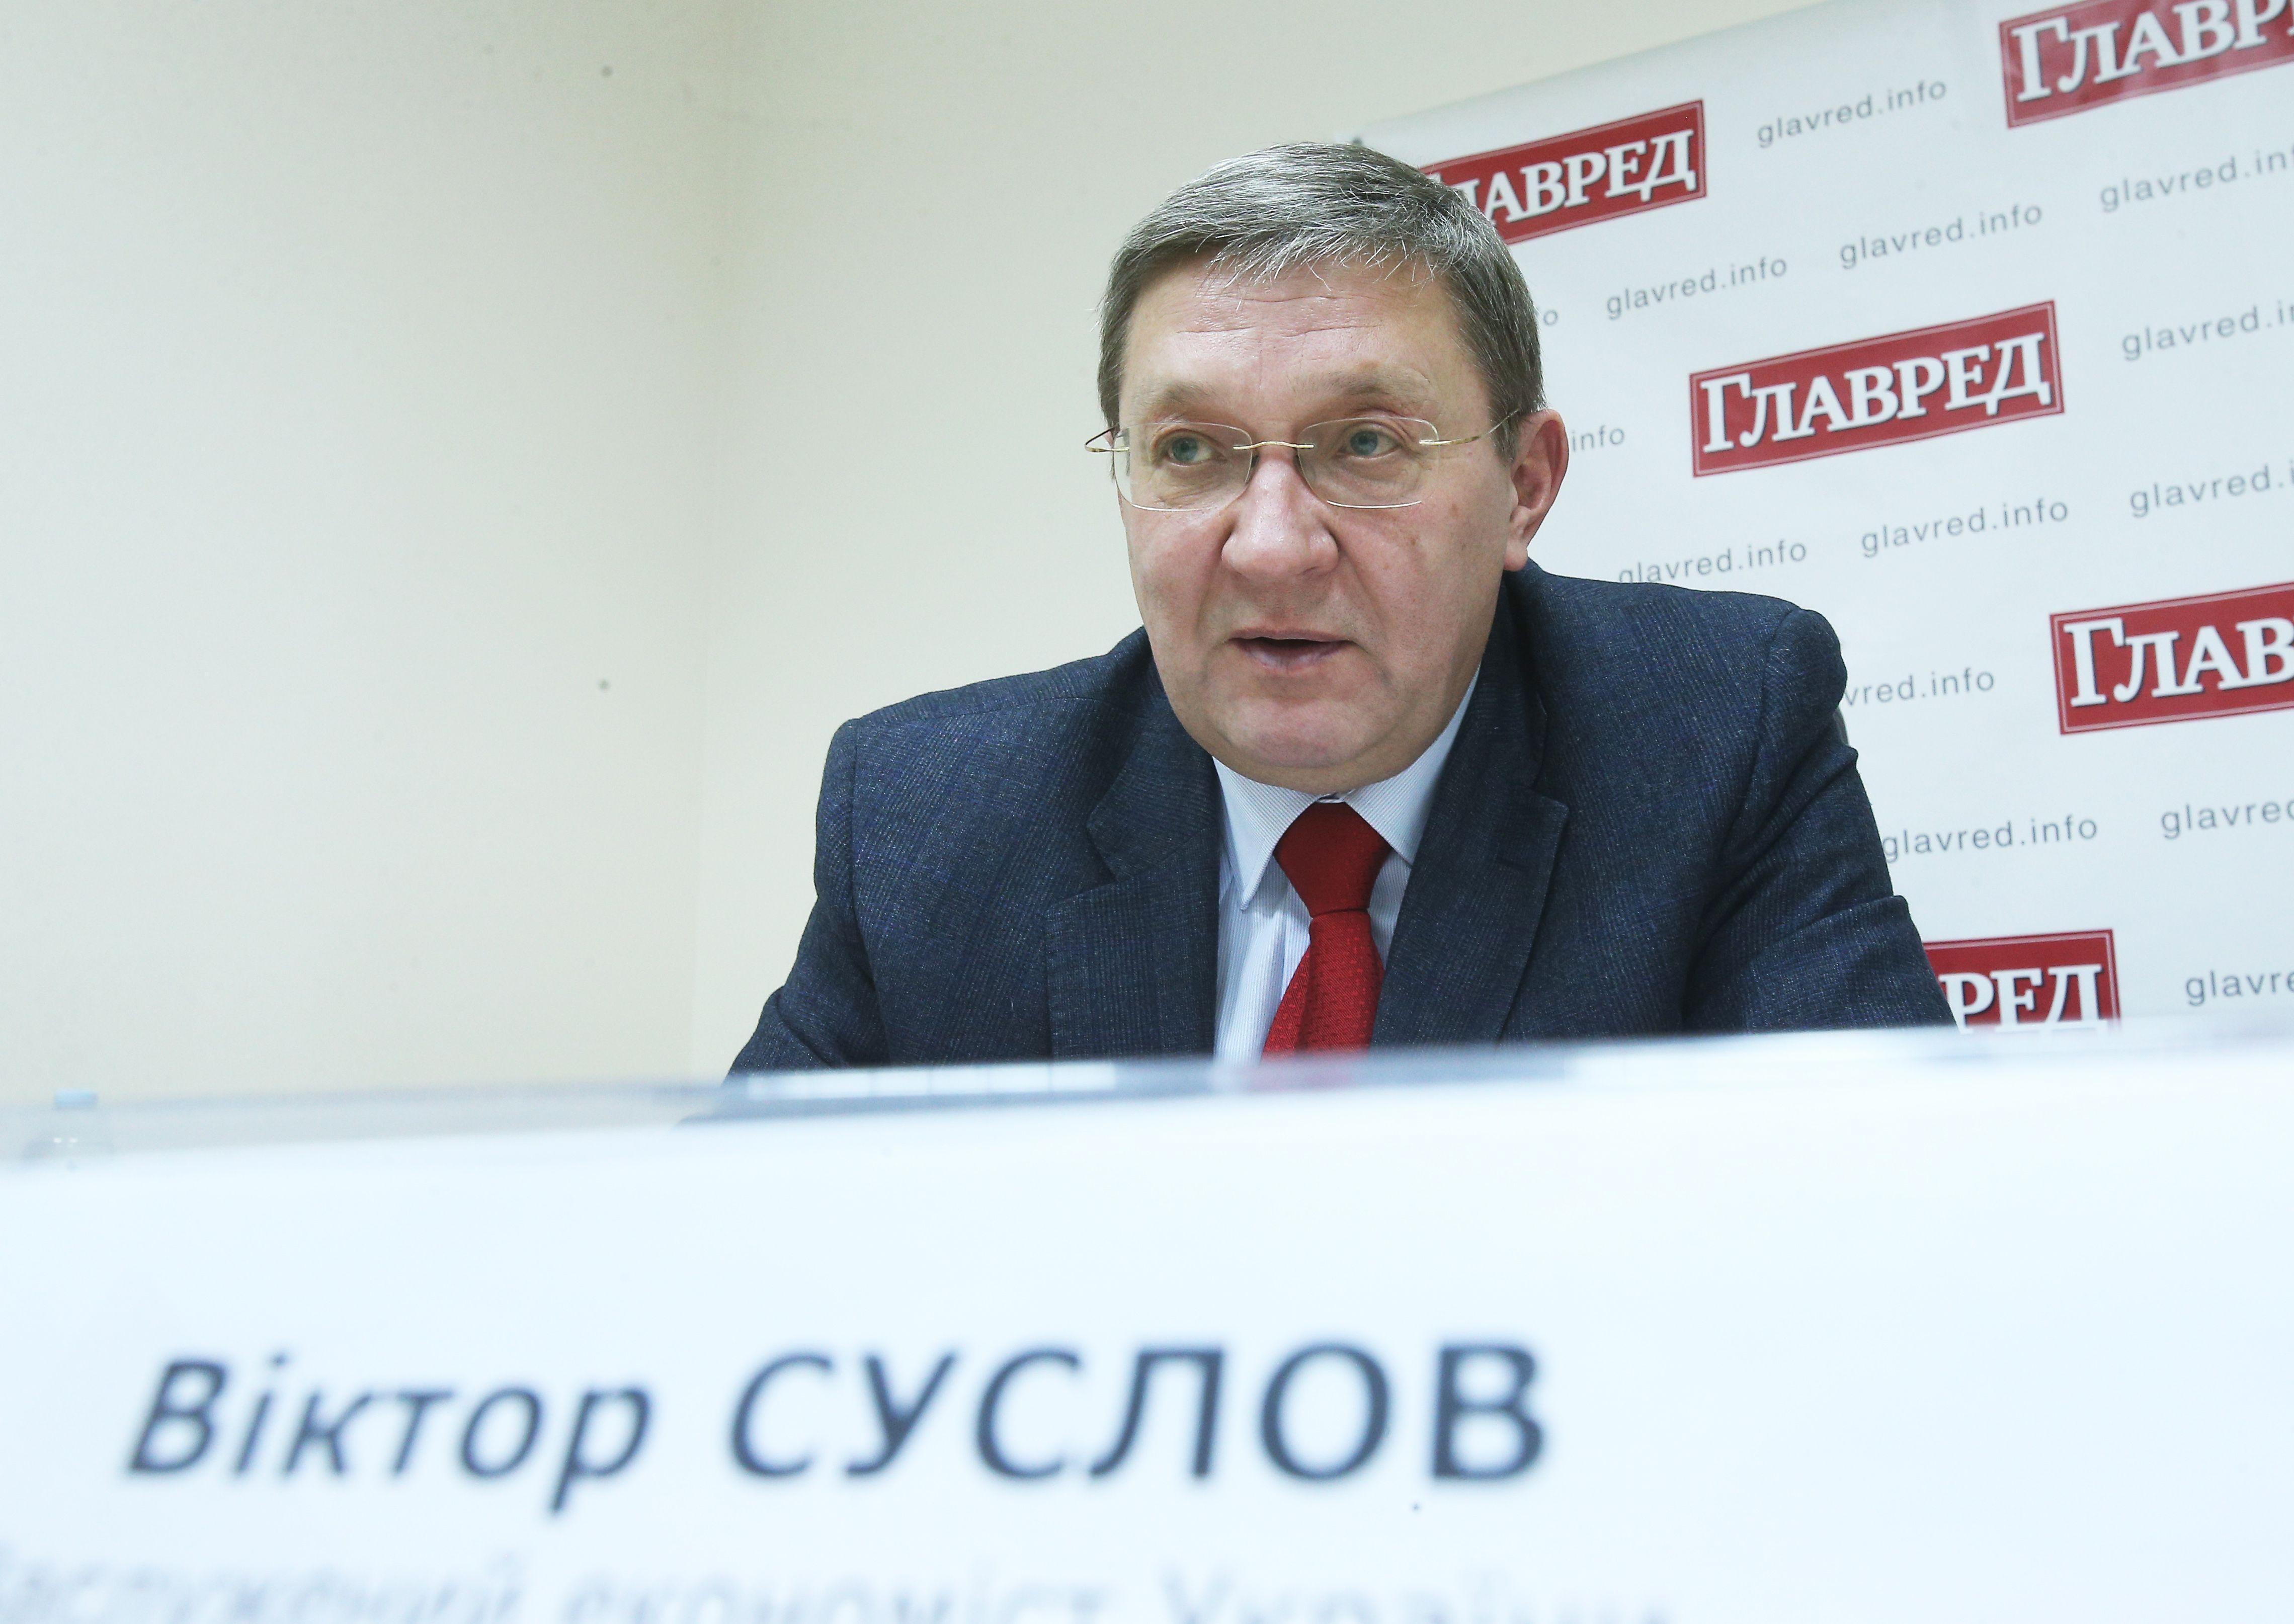 Украинскому бизнесу пора подумать о повышении зарплат для квалифицированных работников, считает Виктор Суслов